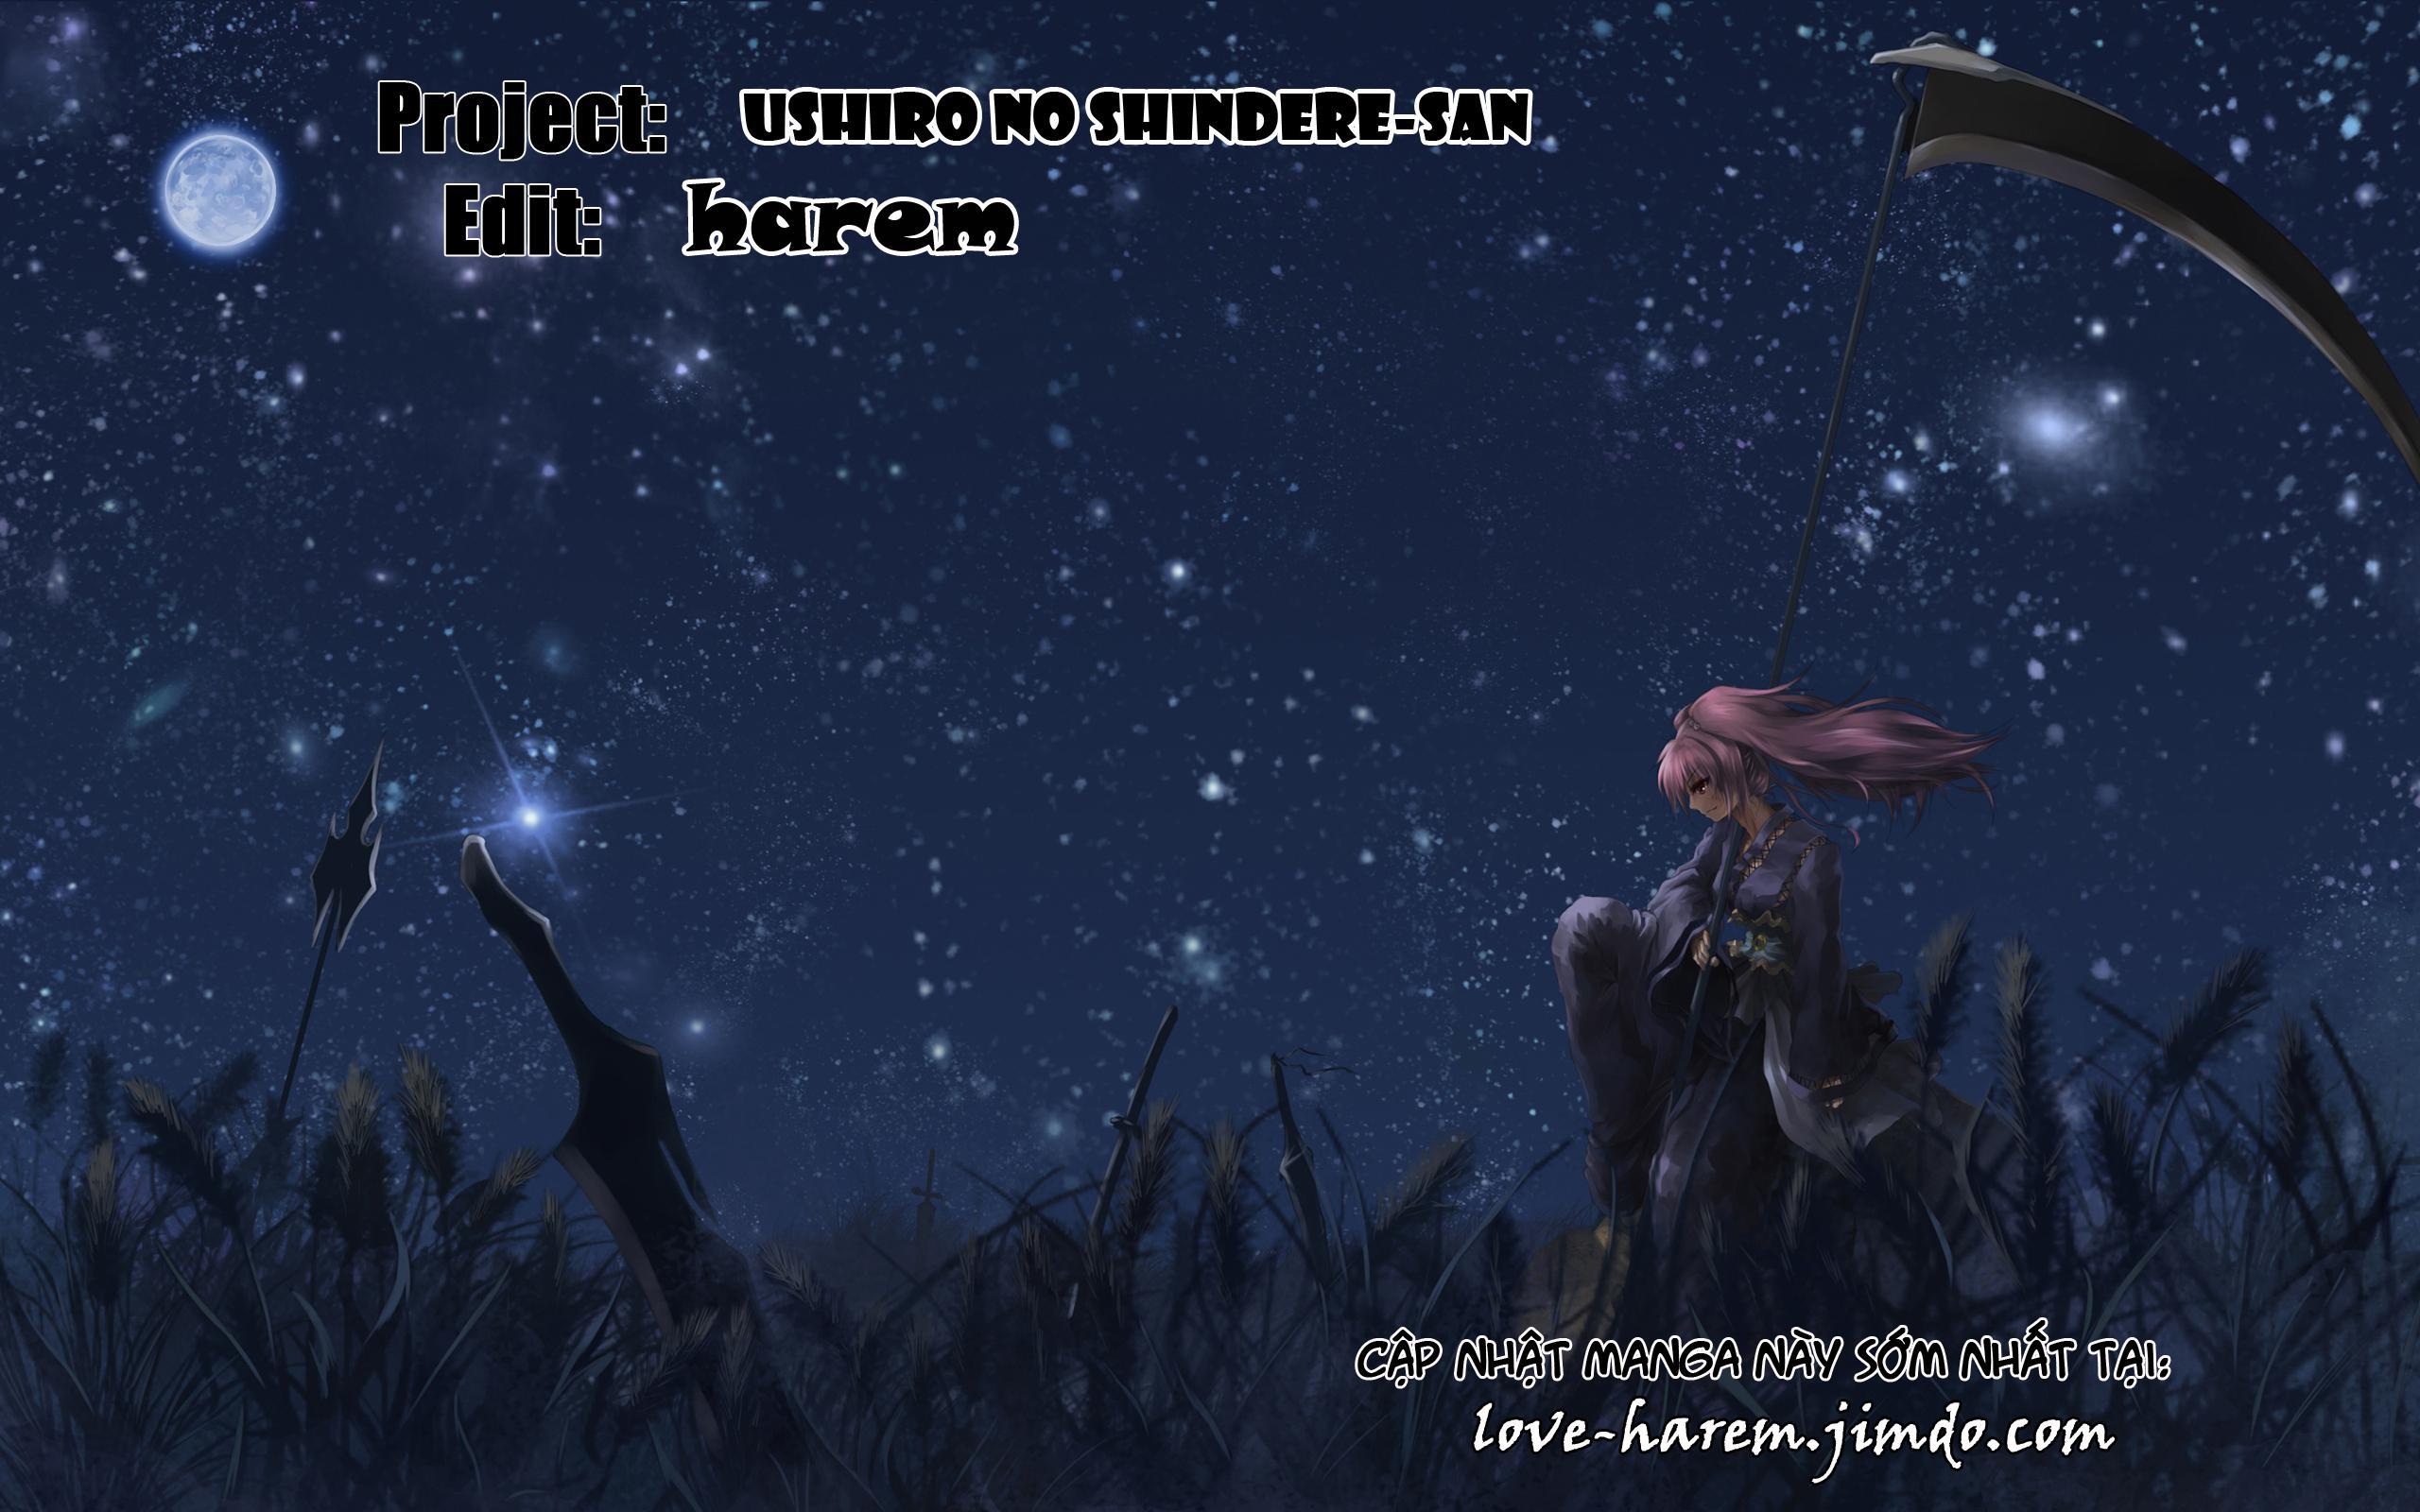 Ushiro no Shidere-san: Ushiro no shidere-san chap 6